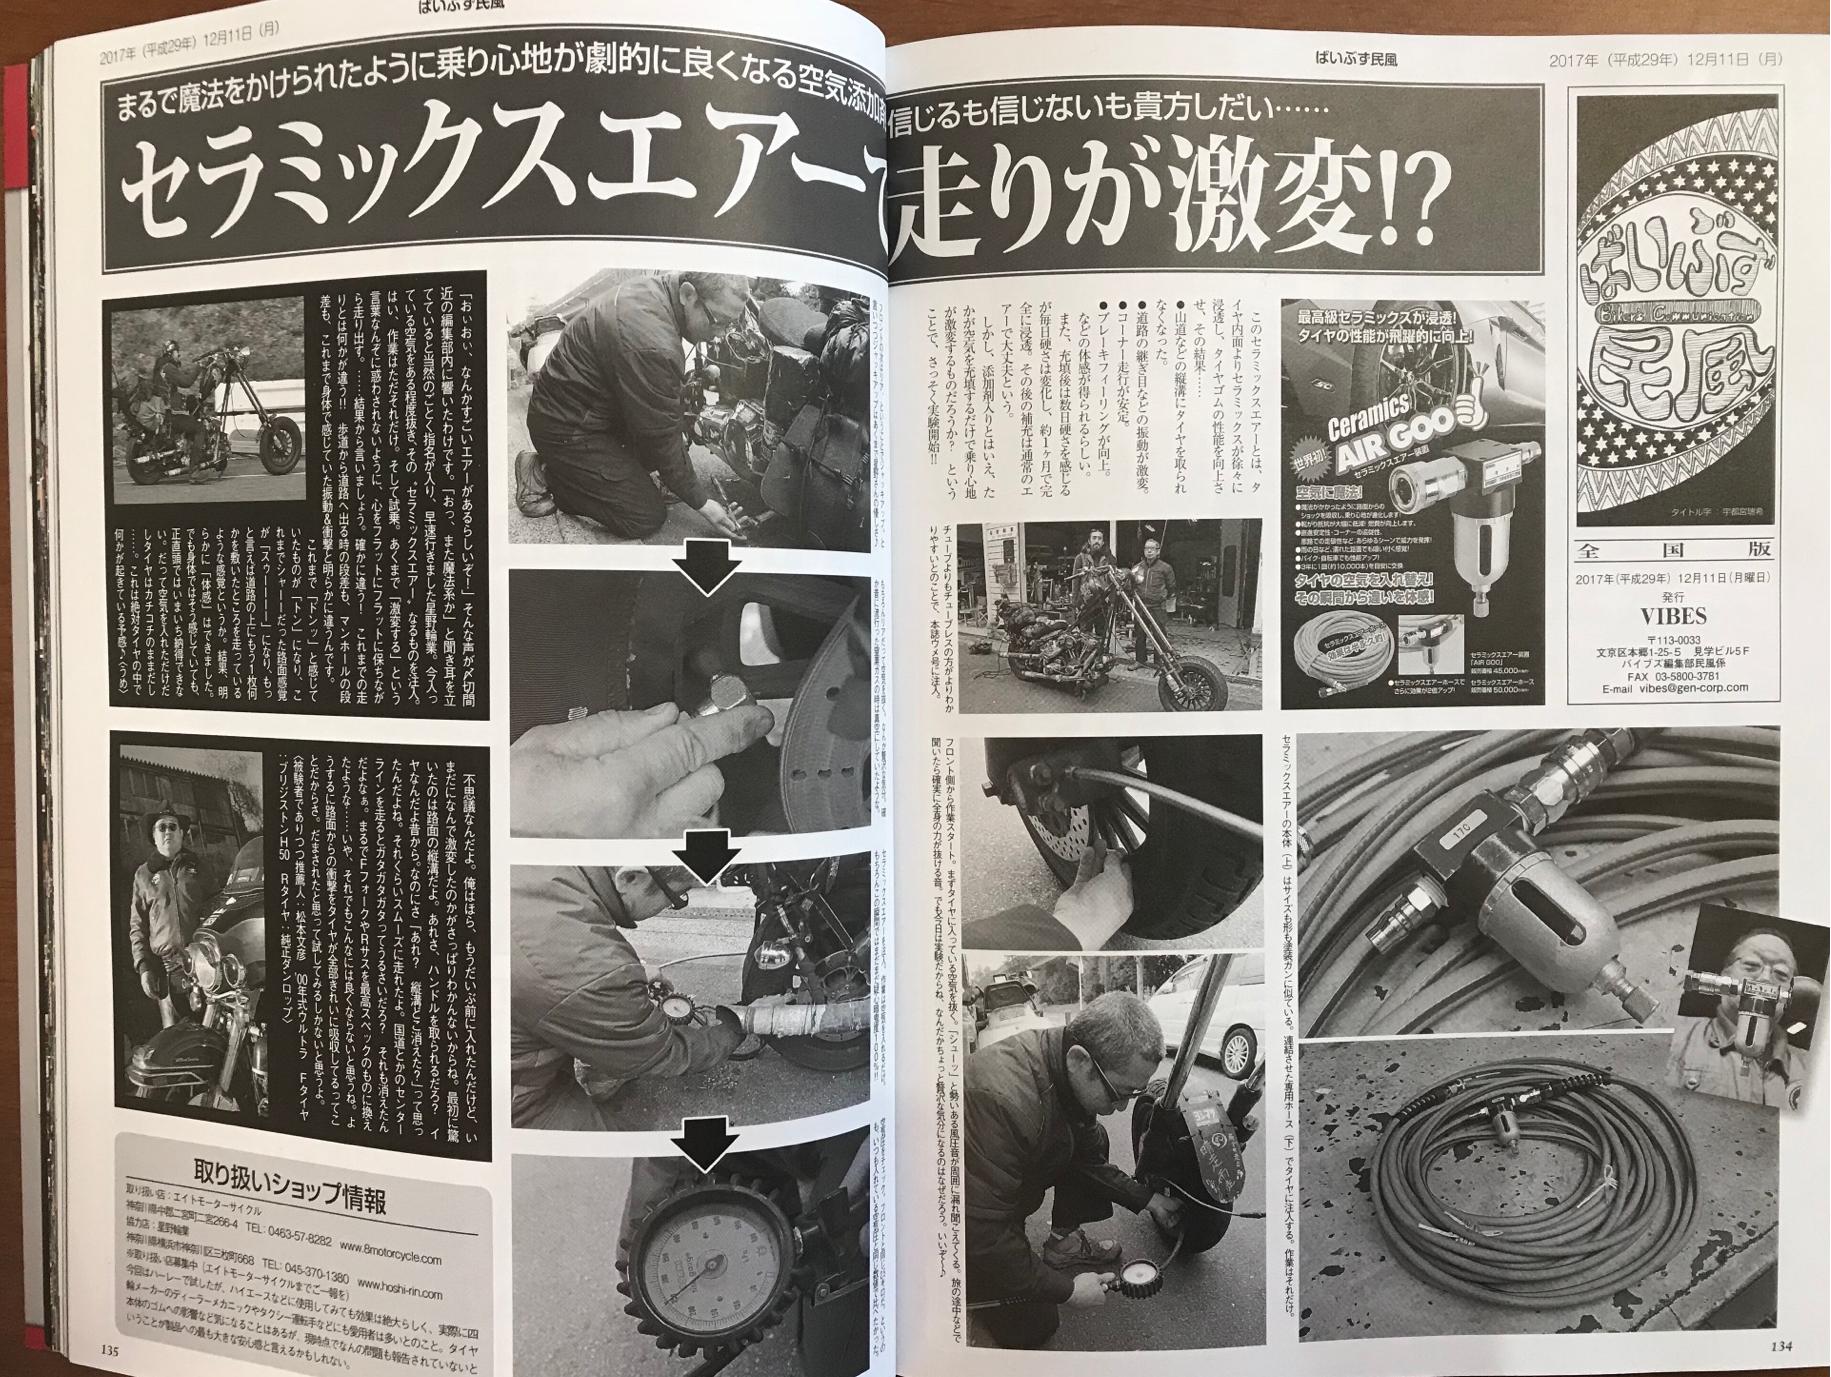 海王社【VIBES】1月号(2017/12/11発売)にて見開き特集記事が掲載されました